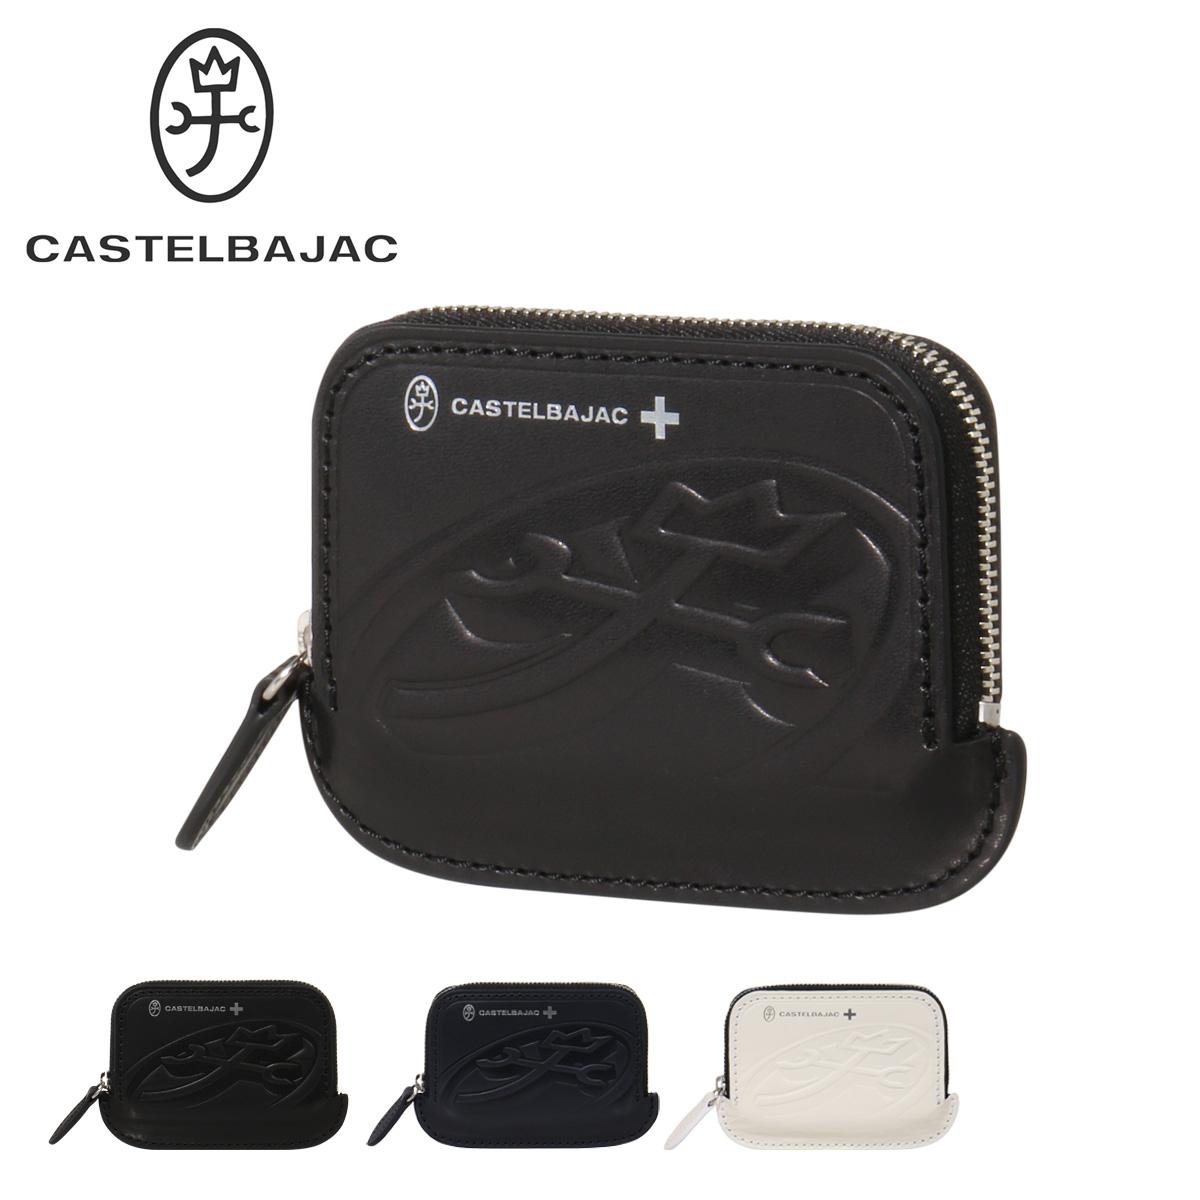 カステルバジャック カードケース ブレス メンズ 32601 CASTELBAJAC | ラウンドファスナー 牛革 本革 レザー[PO10][bef]